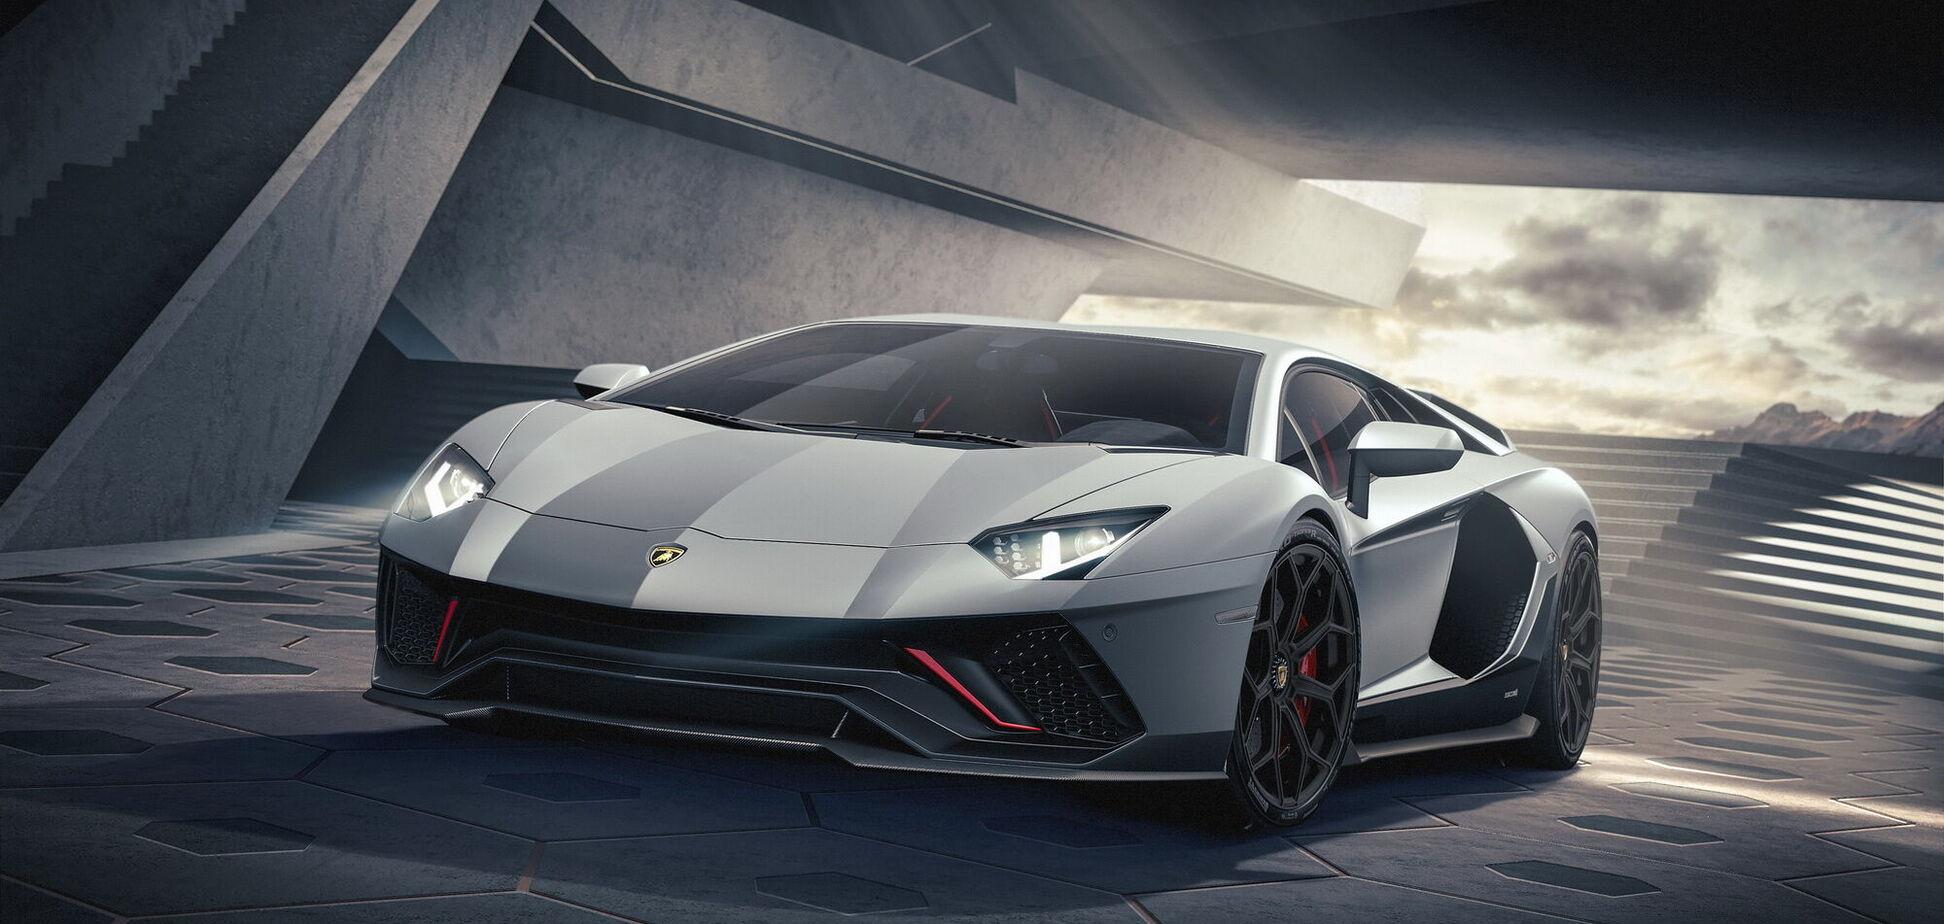 Lamborghini підготував 'прощальну' версію суперкара Aventador